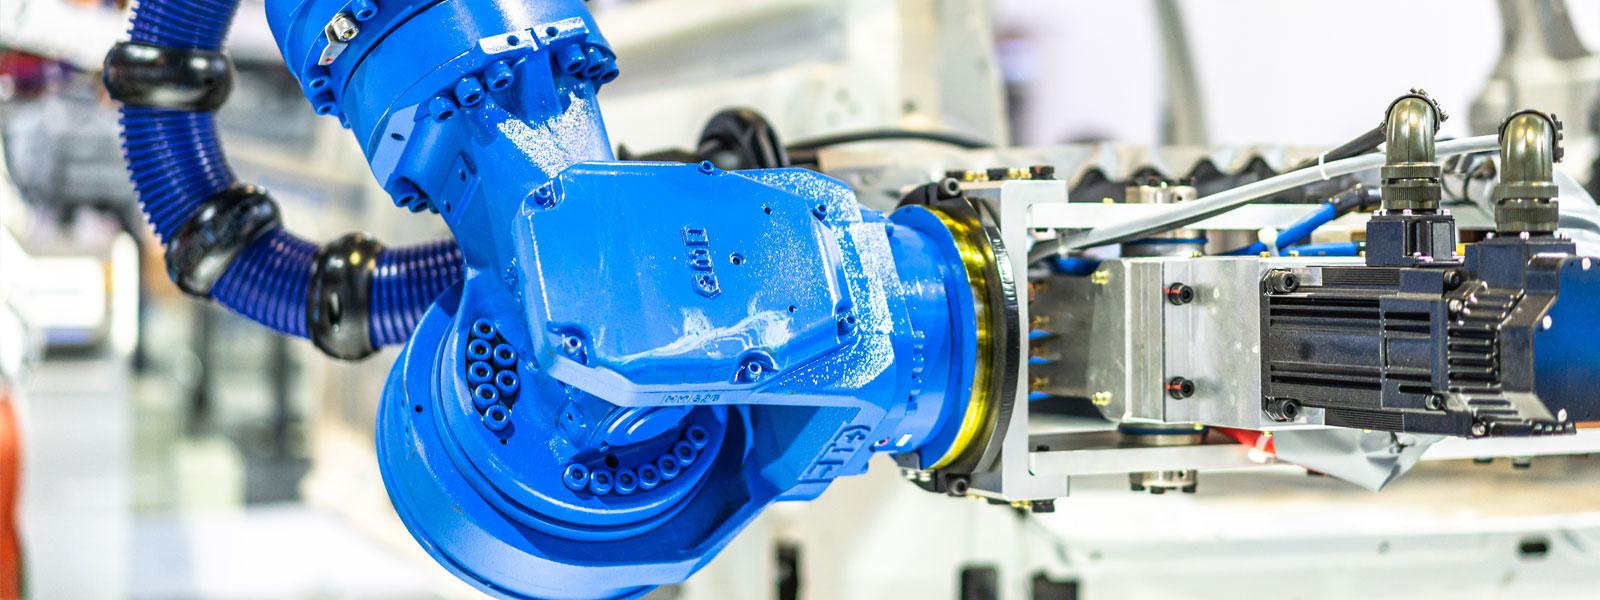 SUN-WA ROBOT